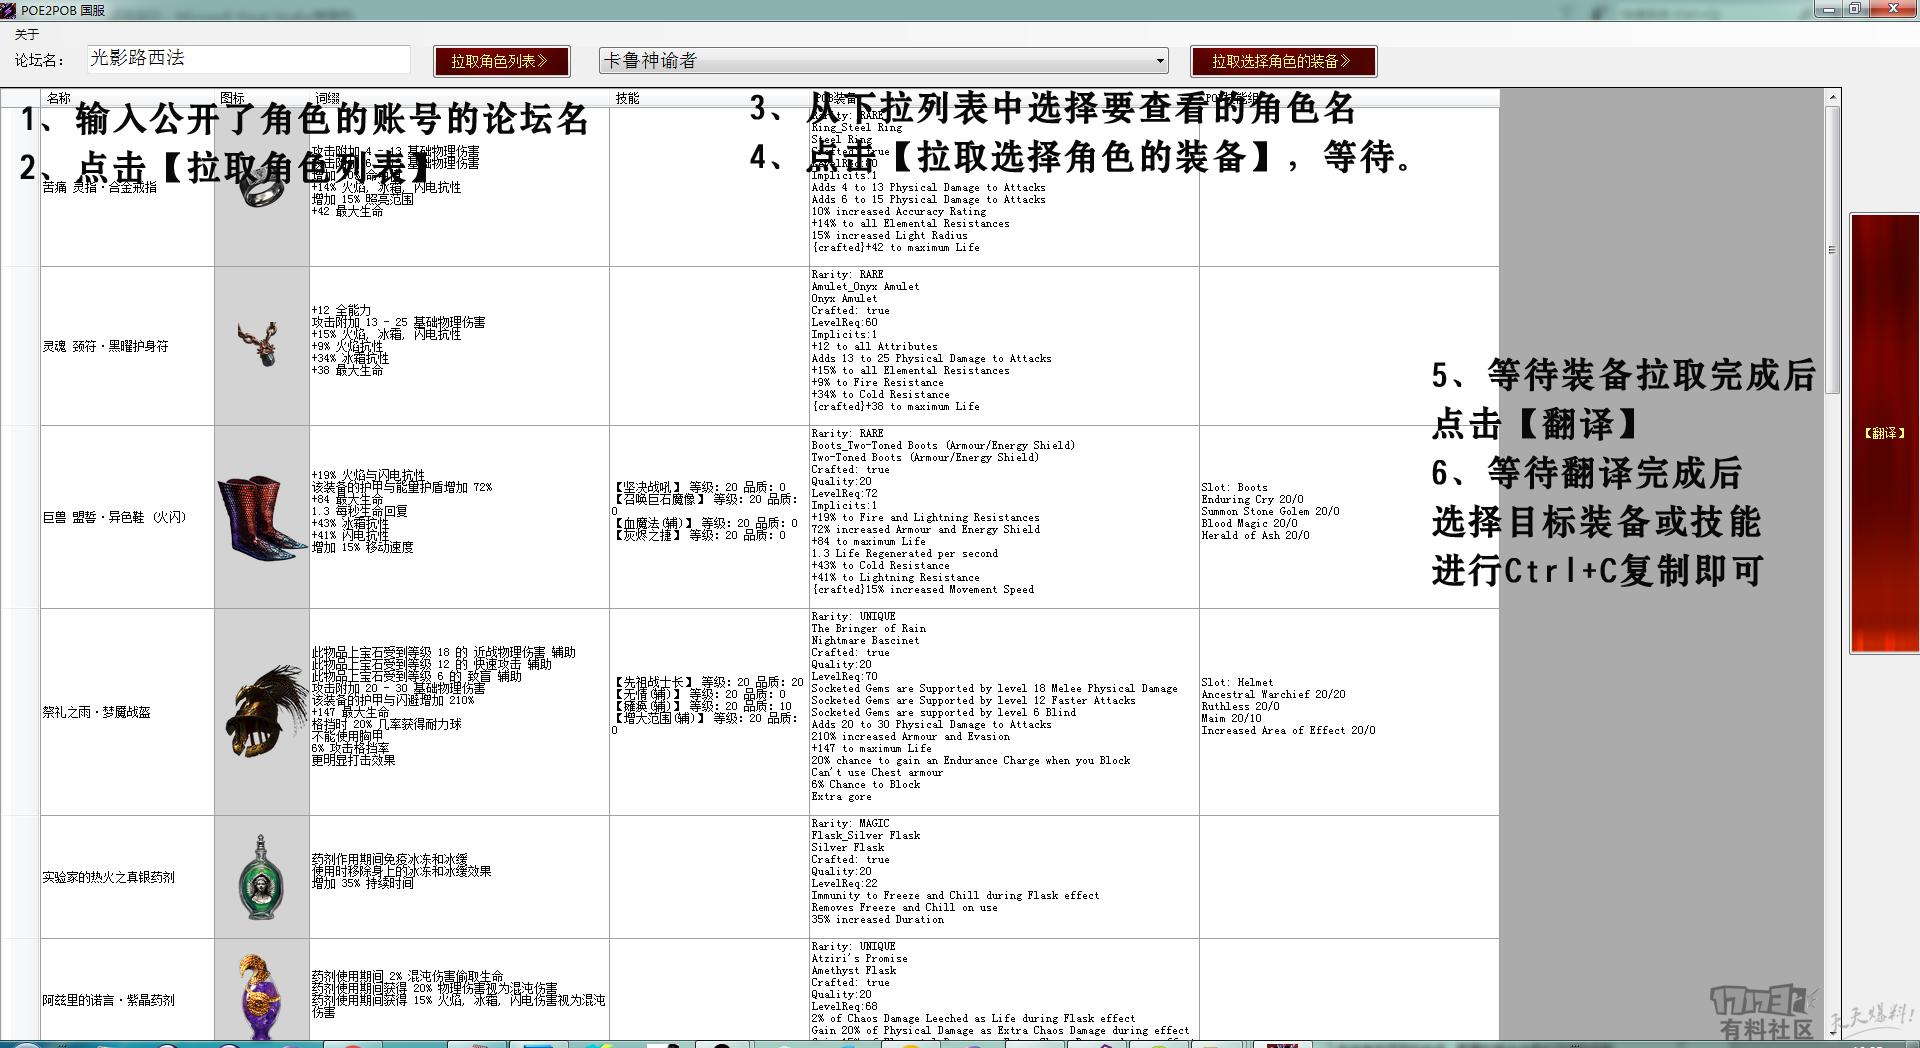 【Tool】工具·国服角色信息拉取-翻译为POB物品 1.0测试